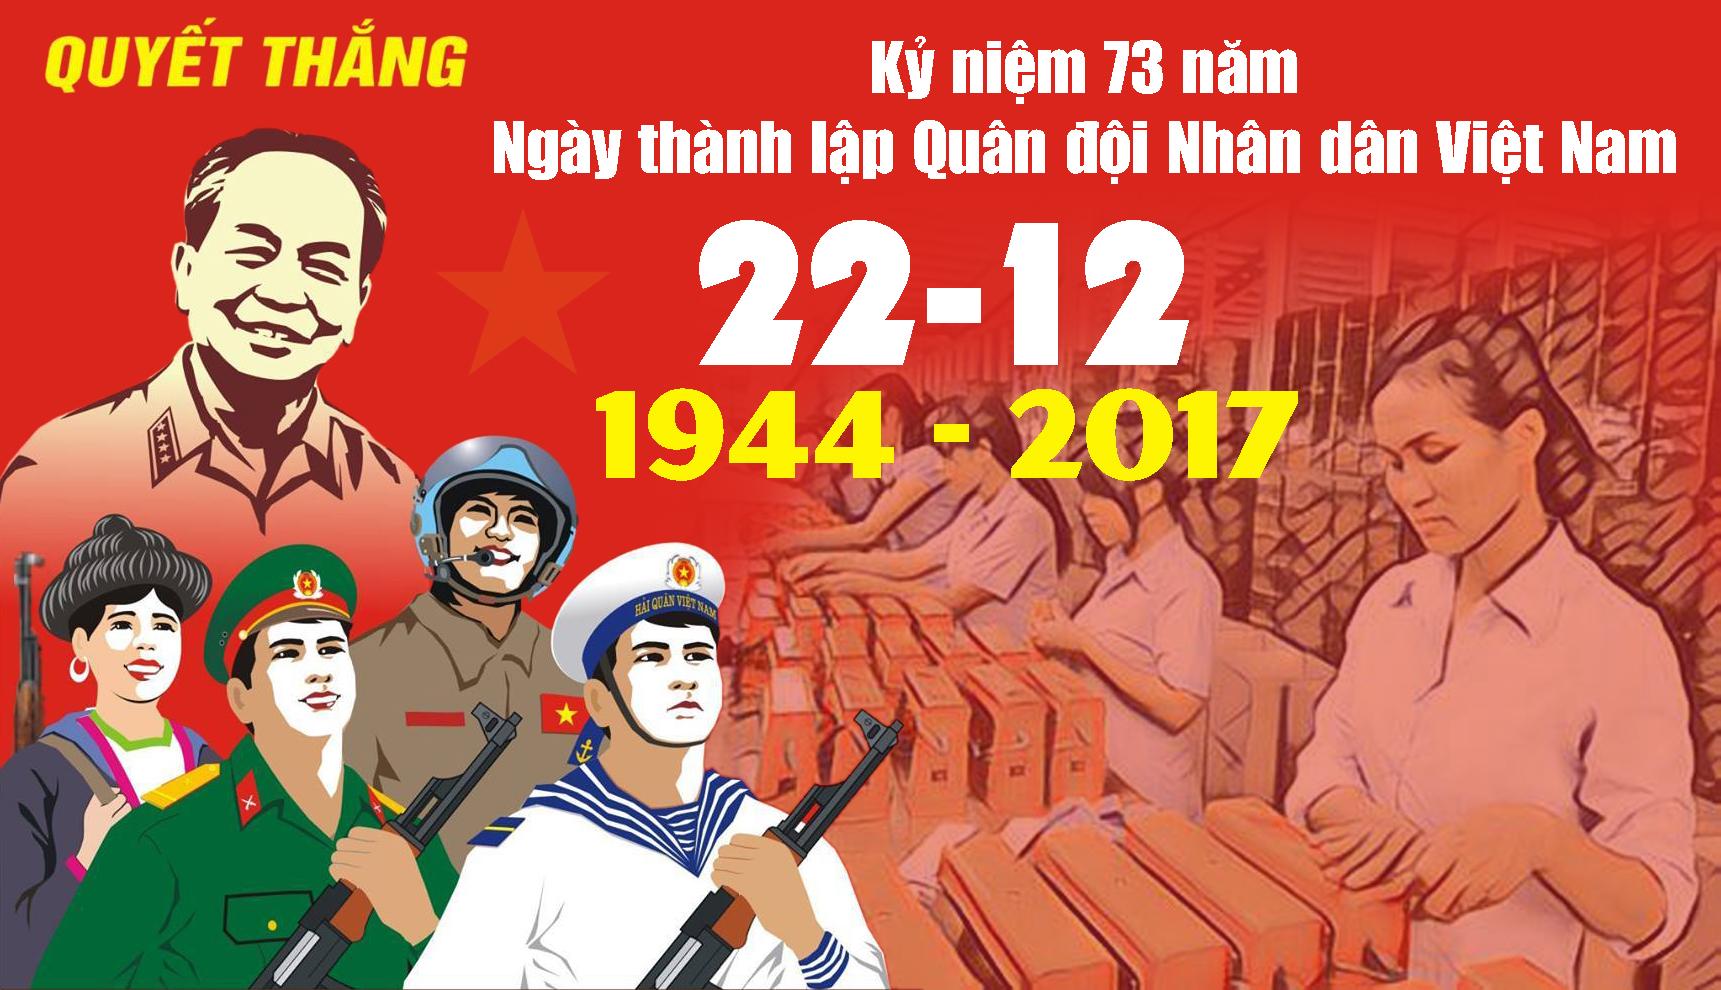 Đề cương tuyên truyền kỷ niệm 73 năm ngày thành lập Quân đội Nhân dân Việt Nam (22/12/1944-22/12/2017) - Quận Đoàn 12